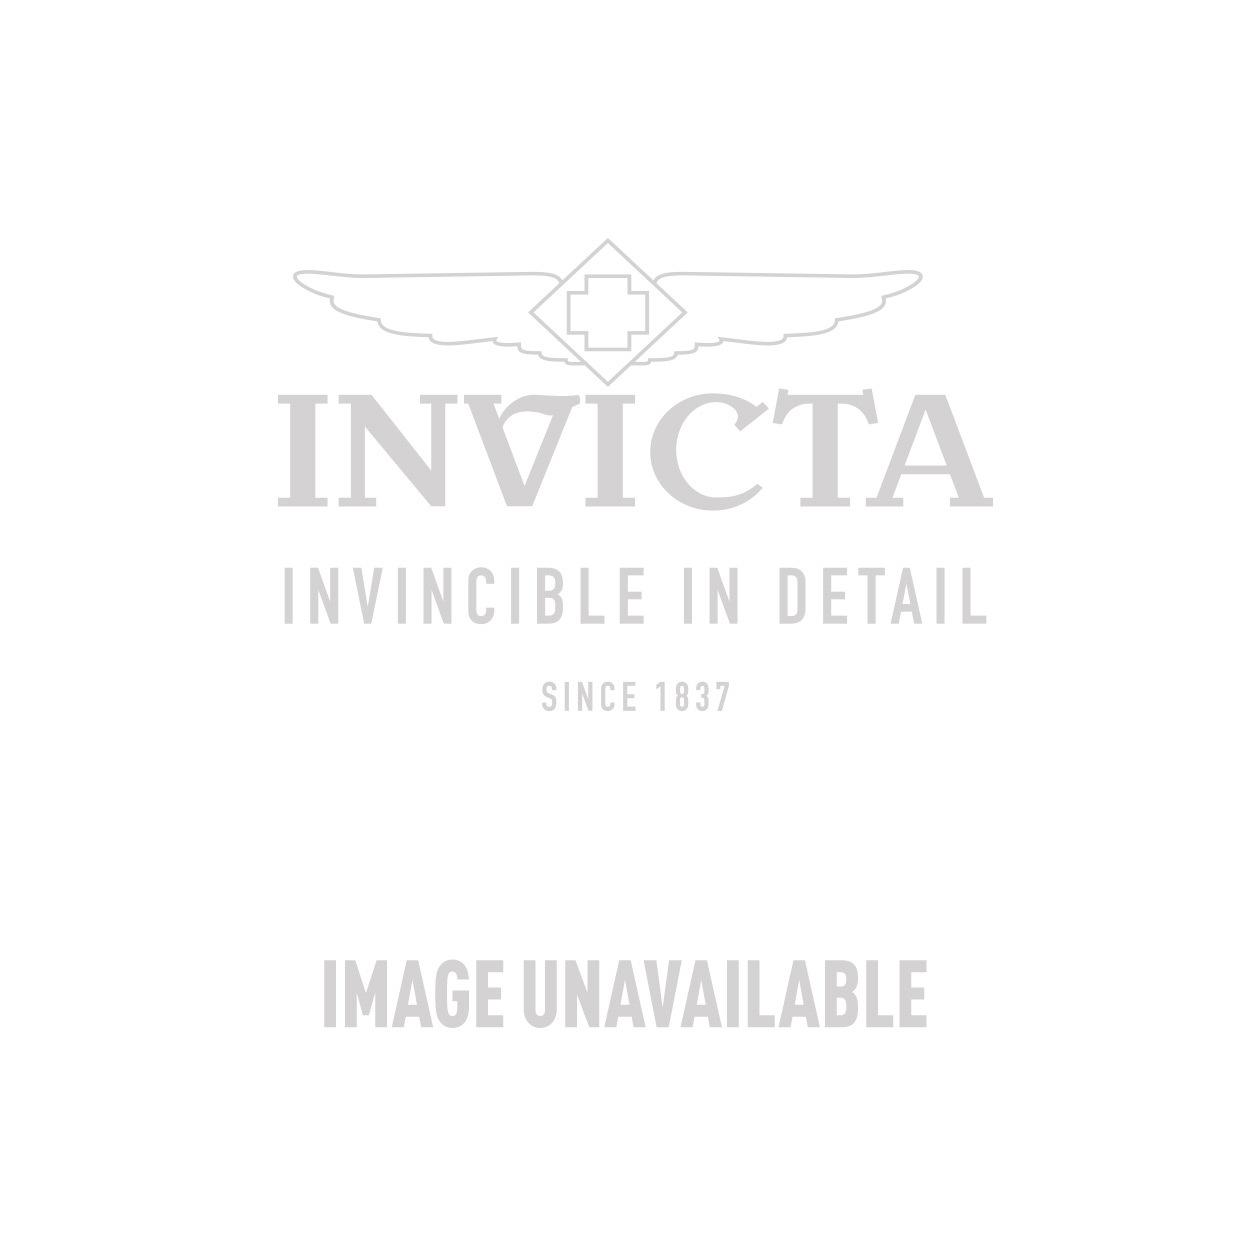 Invicta Model 28932